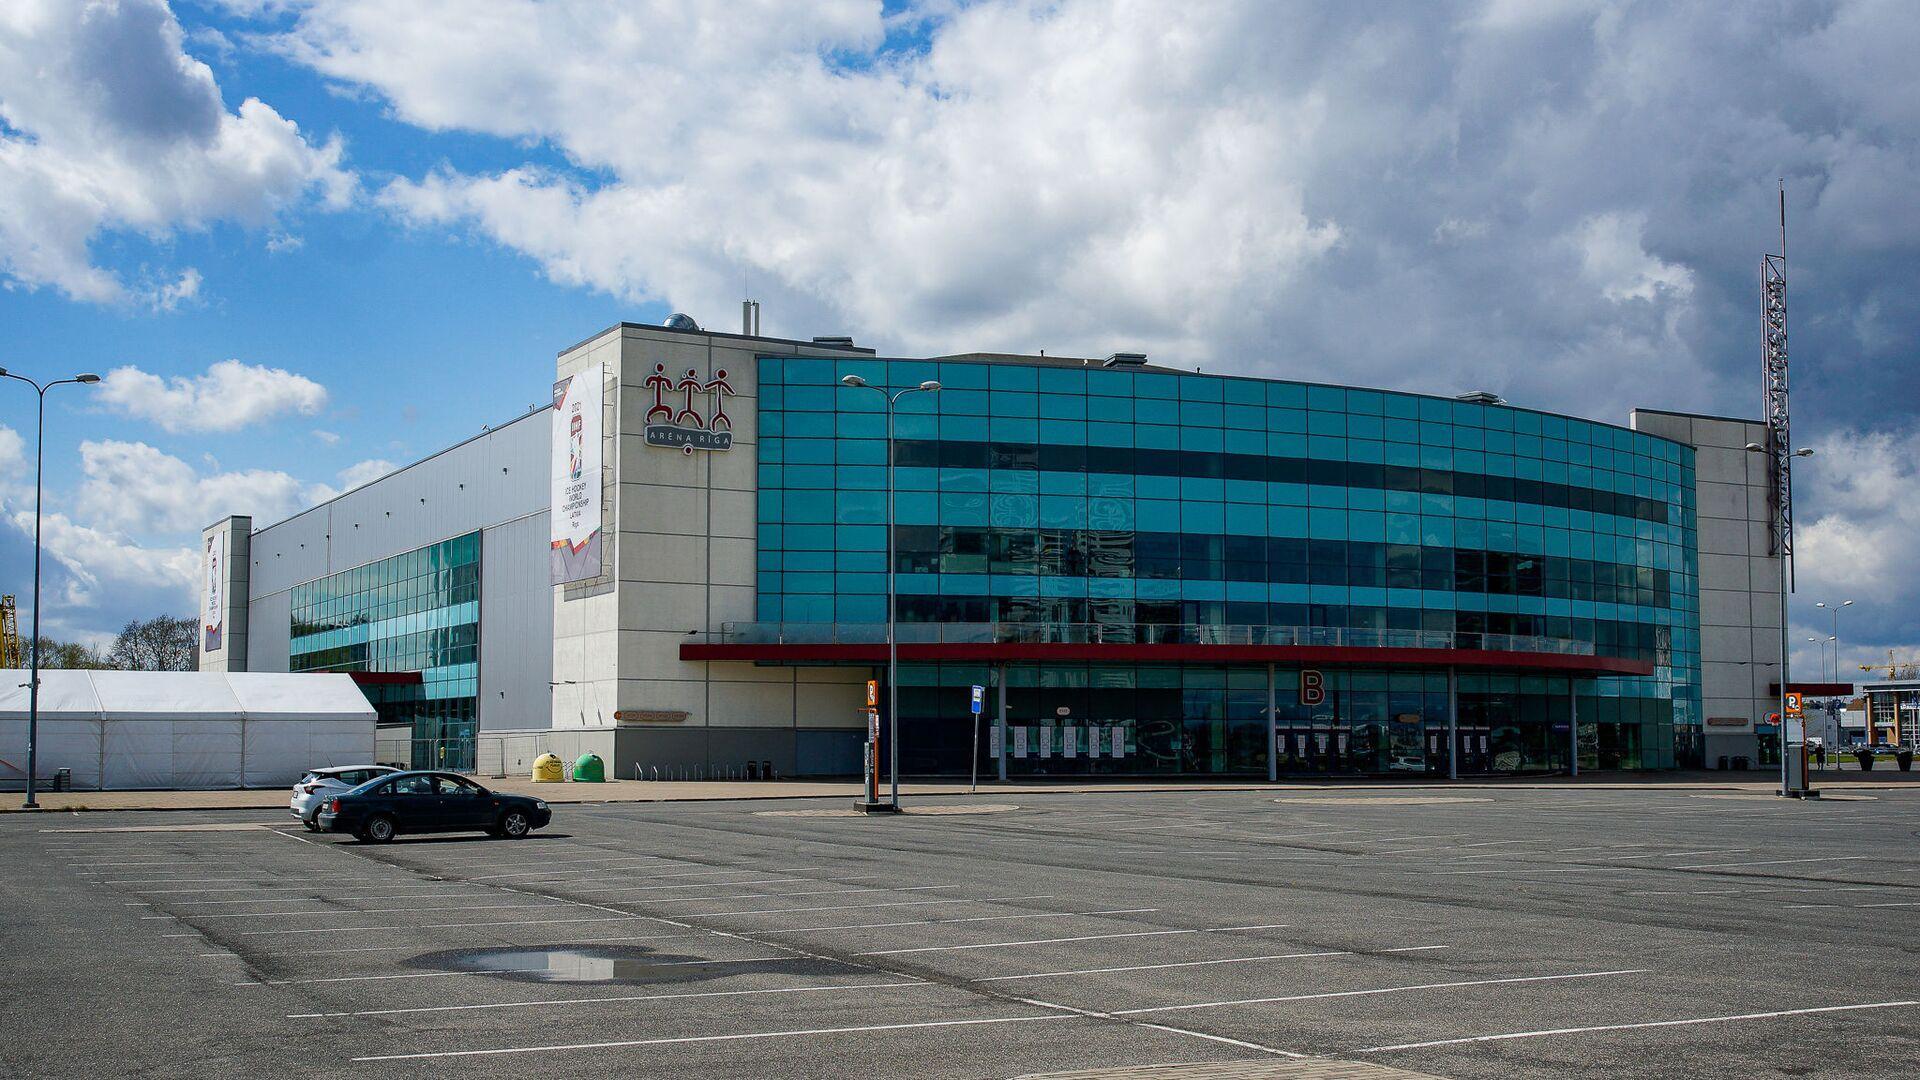 Многофункциональный спортивно-концертный комплекс Арена Рига готовится принять матчи чемпионата мира по хоккею - Sputnik Латвия, 1920, 22.08.2021